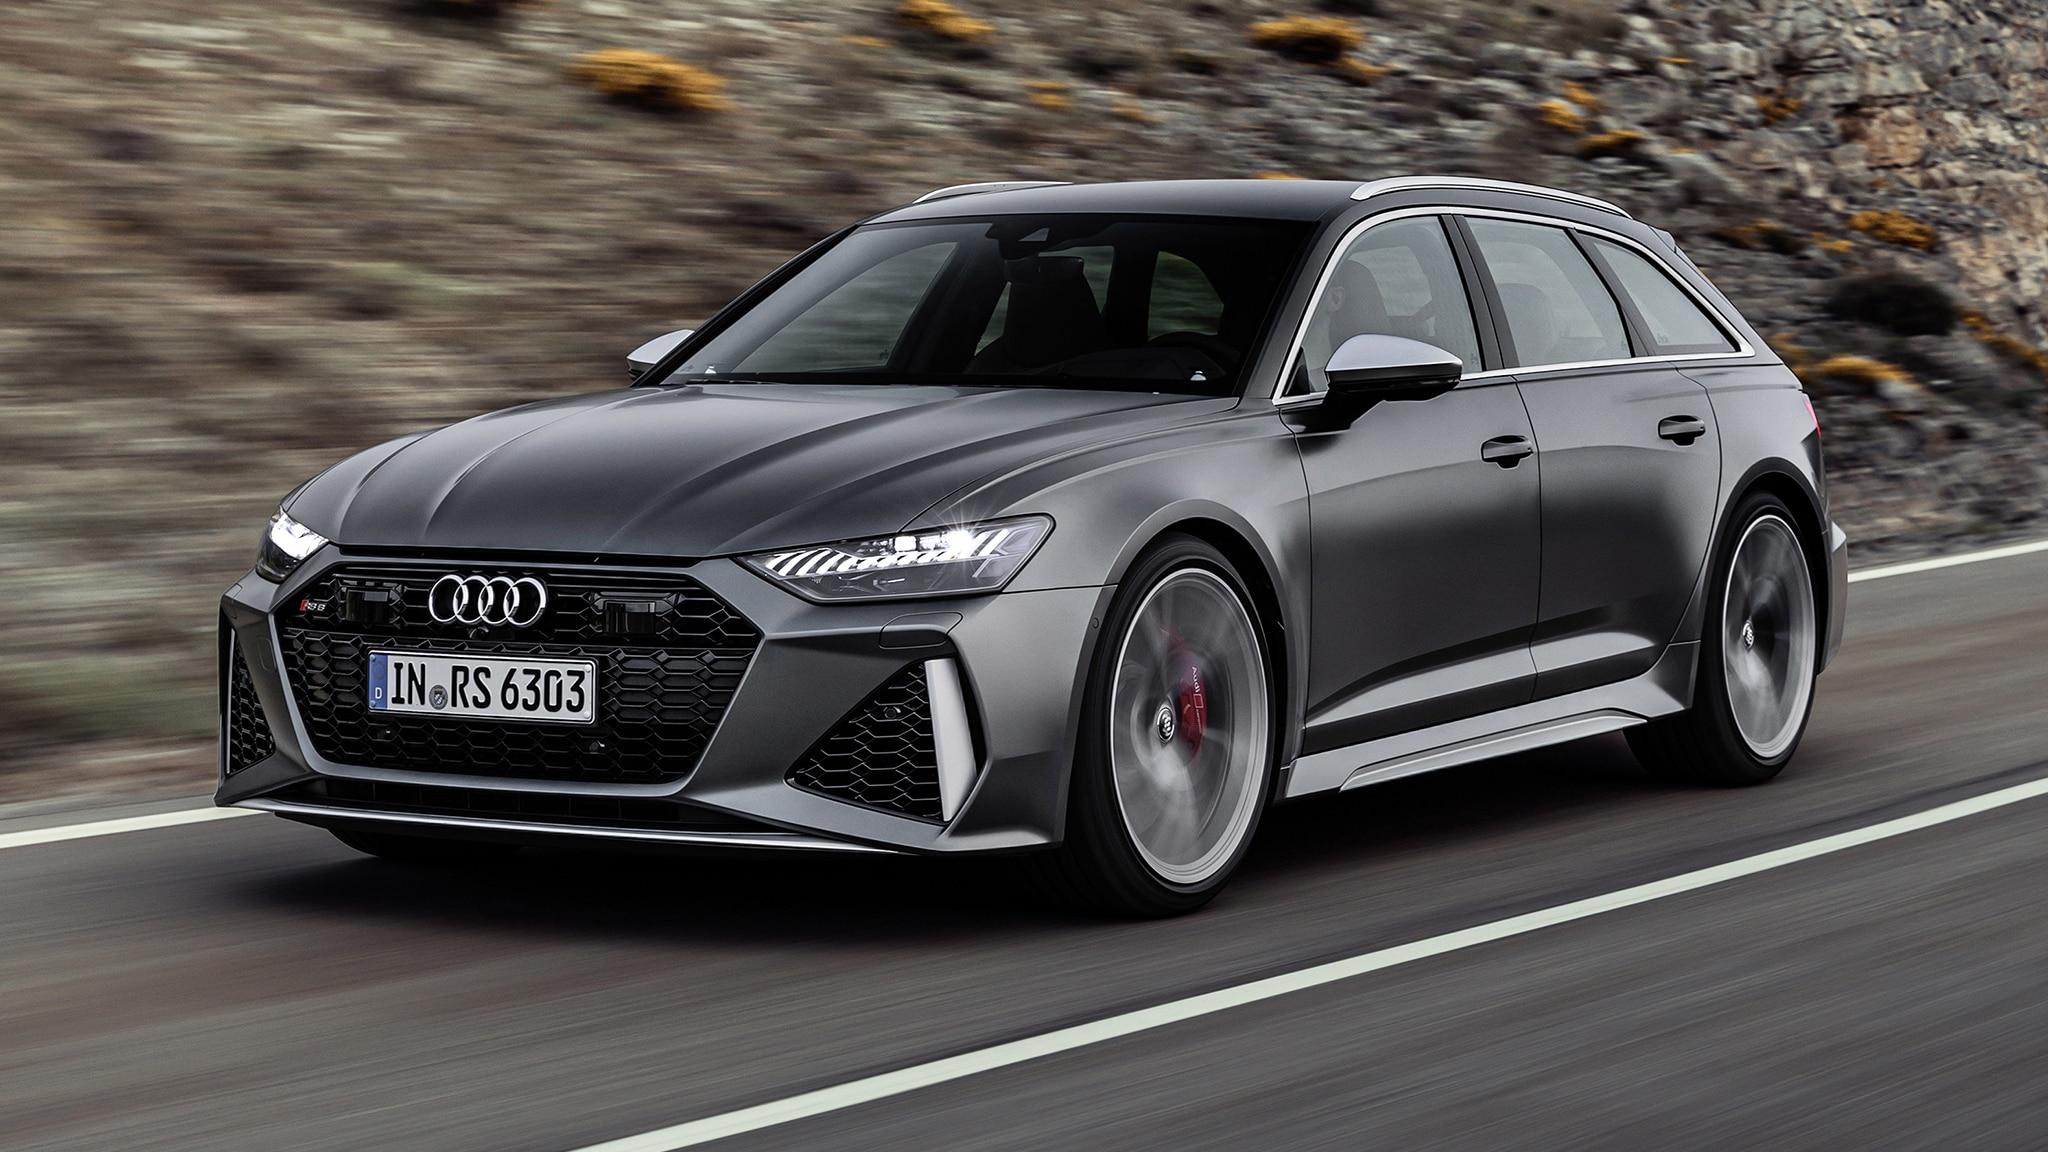 Kekurangan Audi Rs6 Avant 2018 Spesifikasi